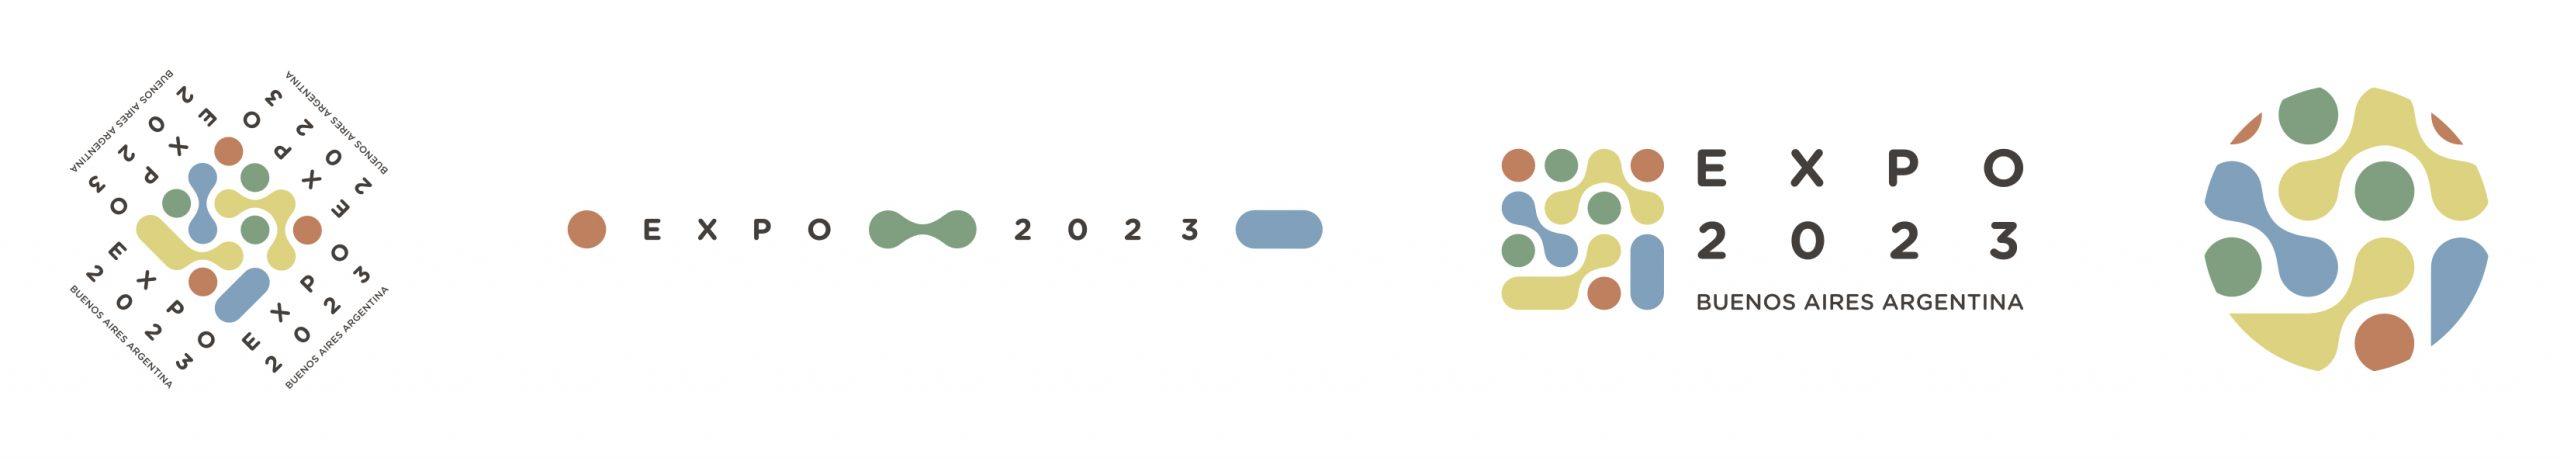 separador-2